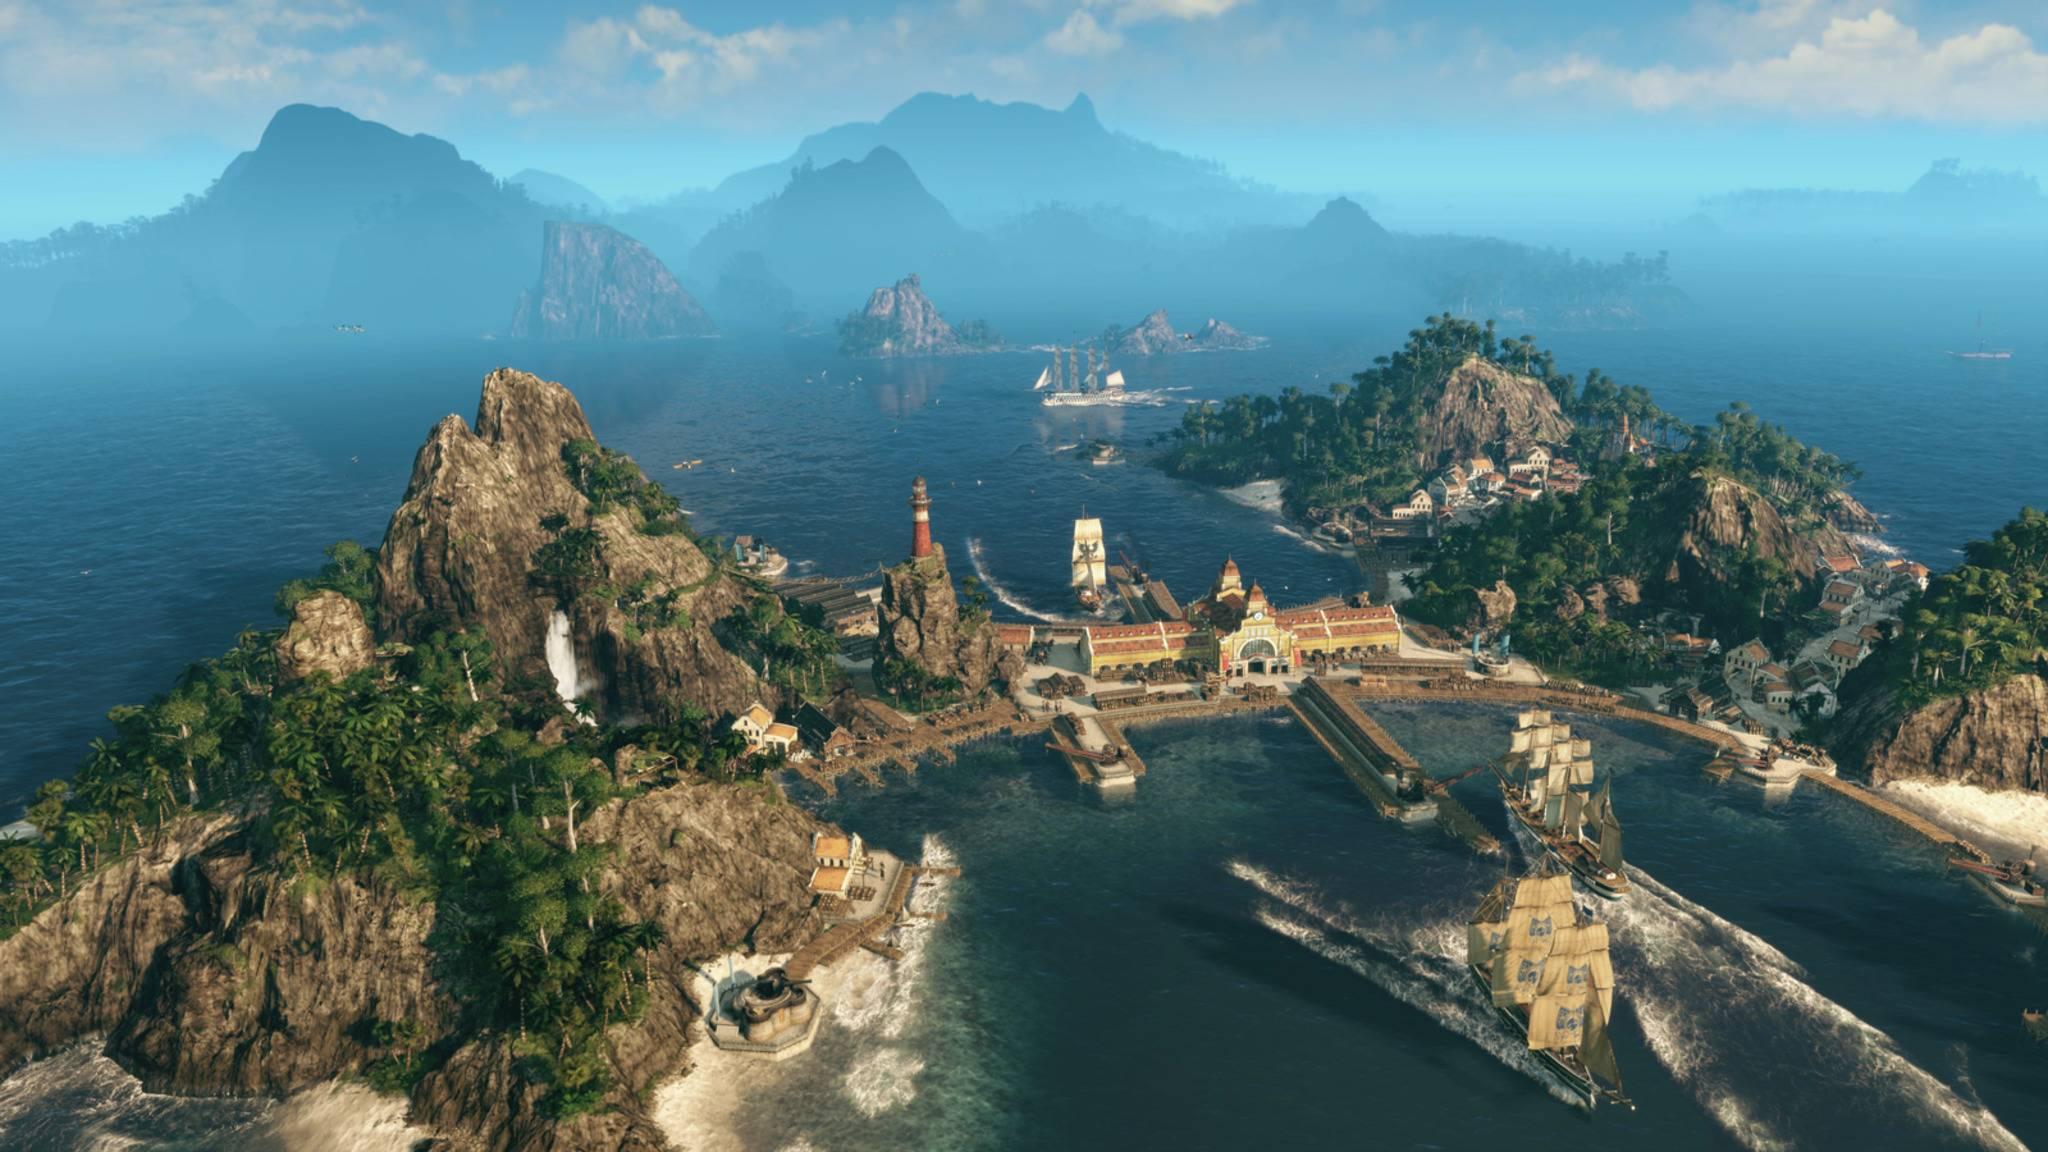 Anno 1800 auf PS4 & Xbox One spielen – geht das?